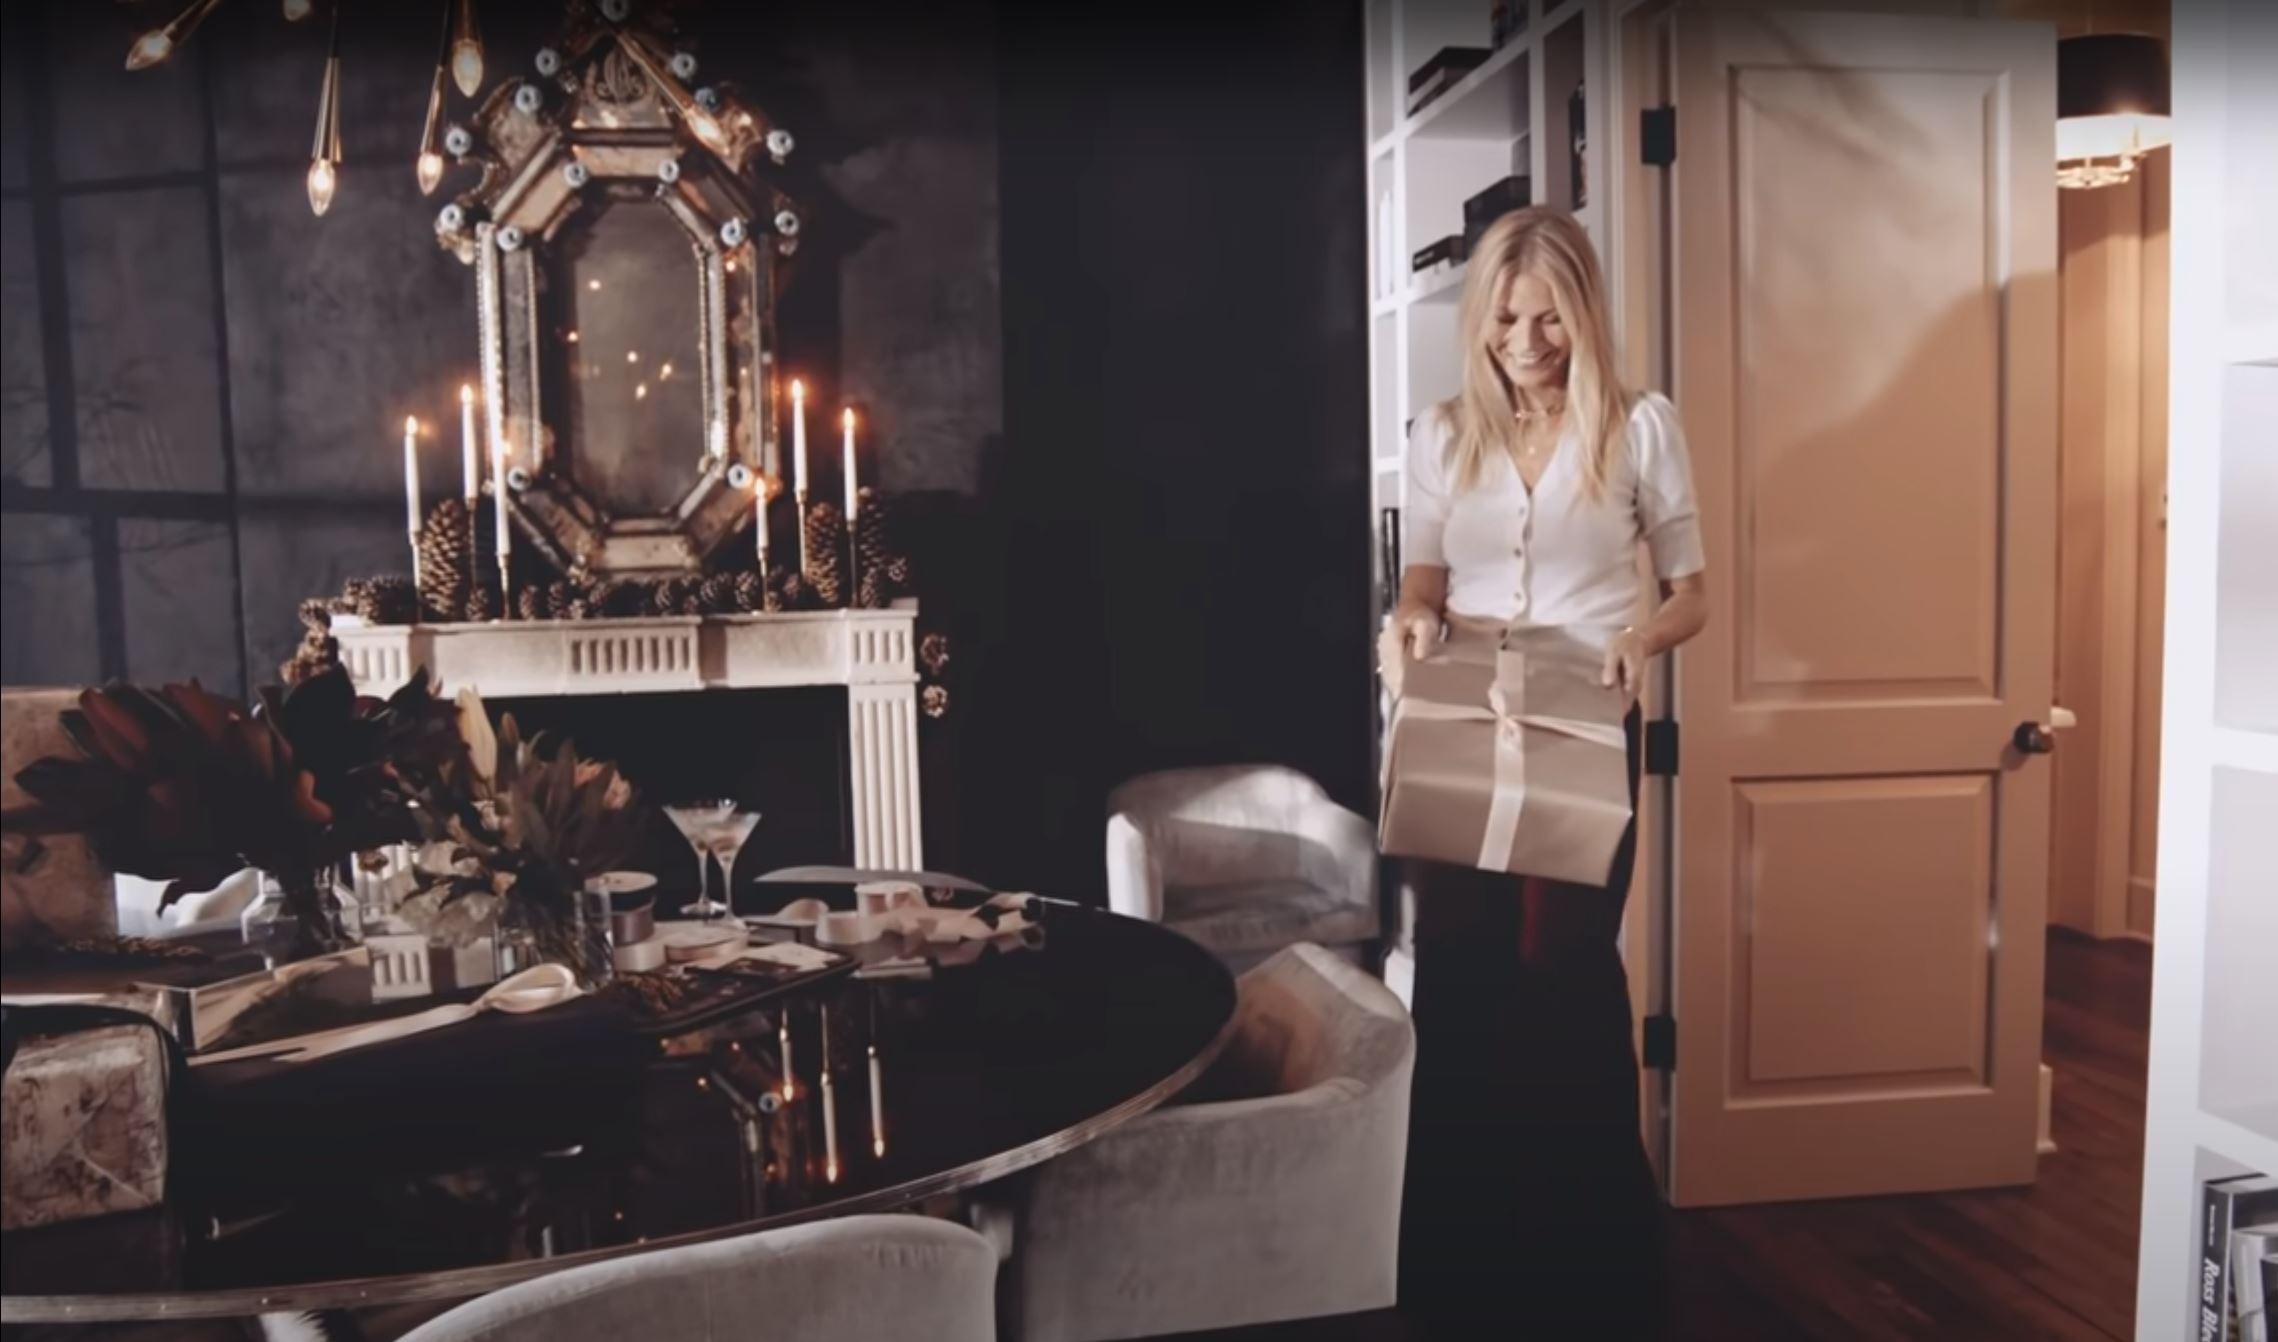 Gwyneth Paltrow's house